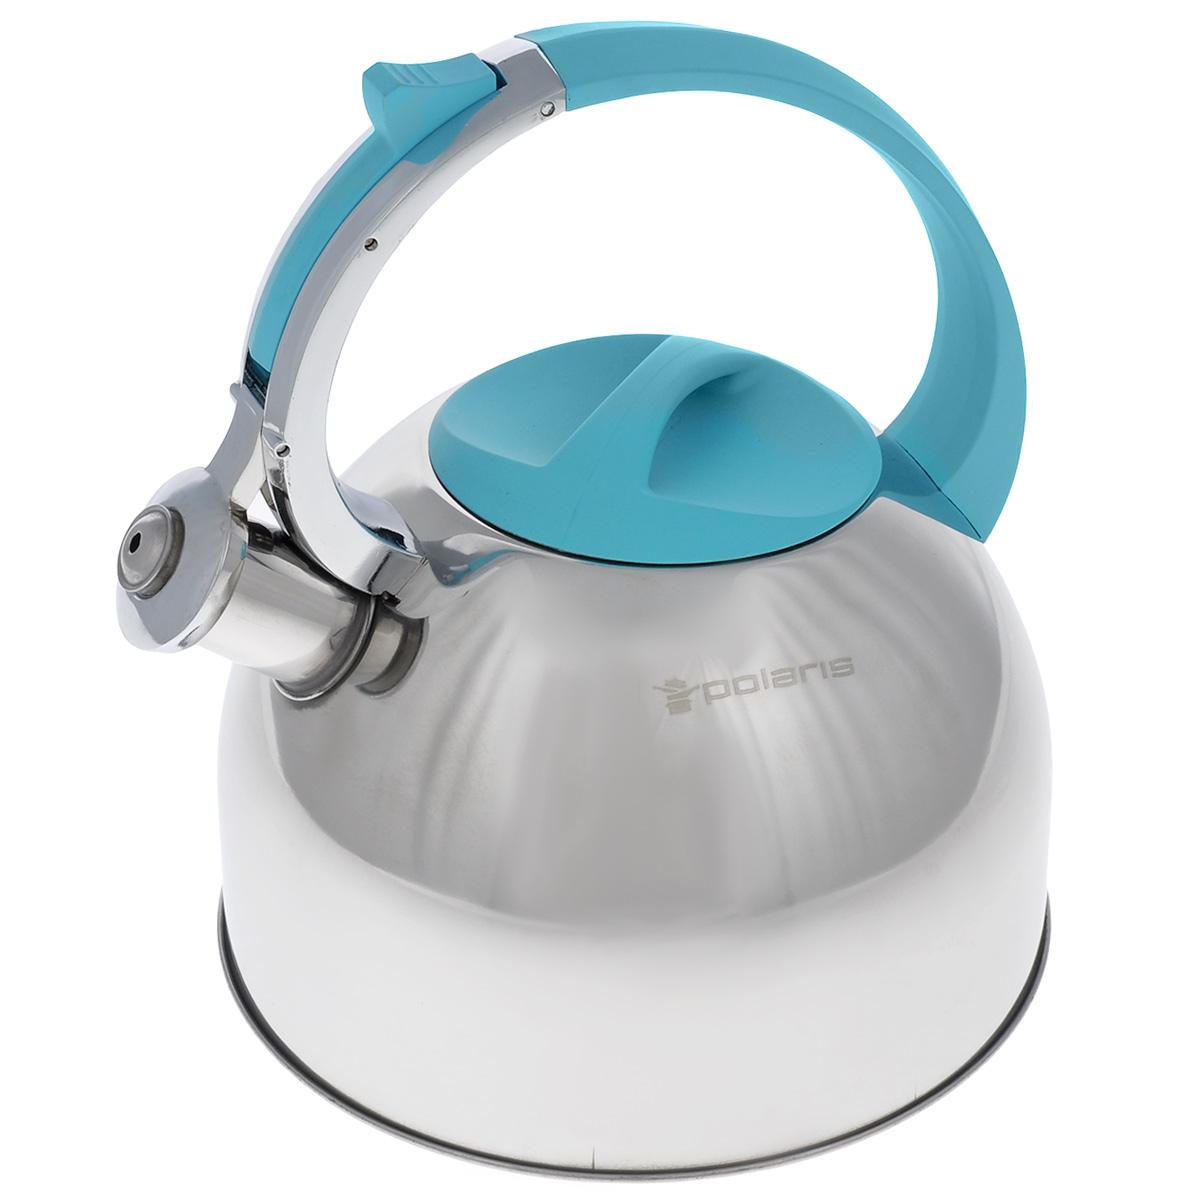 Чайник Polaris Sound со свистком, цвет: стальной, голубой, 3 лFS-91909Чайник Polaris Sound изготовлен из высококачественной нержавеющей стали 18/10. Съемная крышка позволяет легко наполнить чайник водой и обеспечить доступ для мытья. Чайник оповещает о вскипании мелодичным свистом. Клапан на носике открывается нажатием кнопки на ручке. Эргономичная ручка выполнена из бакелита с покрытием Soft touch, не нагревается и не скользит в руке.Зеркальная полировка придает посуде эстетичный вид.Подходит для всех типов плит, в том числе для индукционных.Высота стенок чайника: 14 см.Высота чайника (с учетом ручки): 24,5 см.